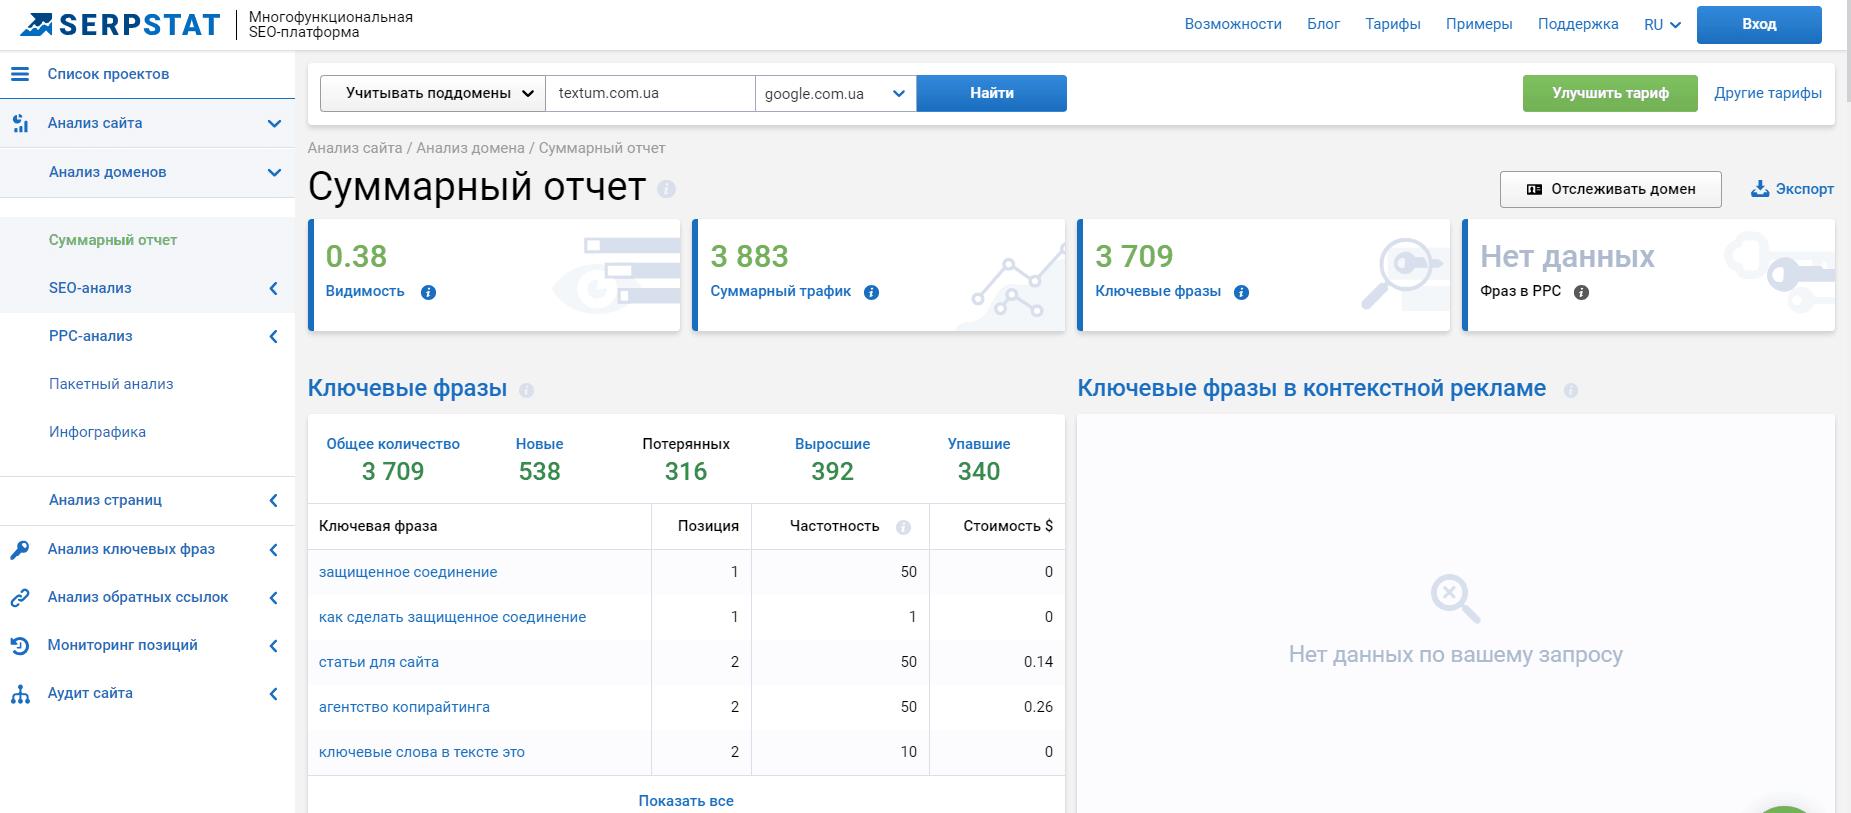 Семантическое ядро для сайта: анализ конкурентов через Serpstat